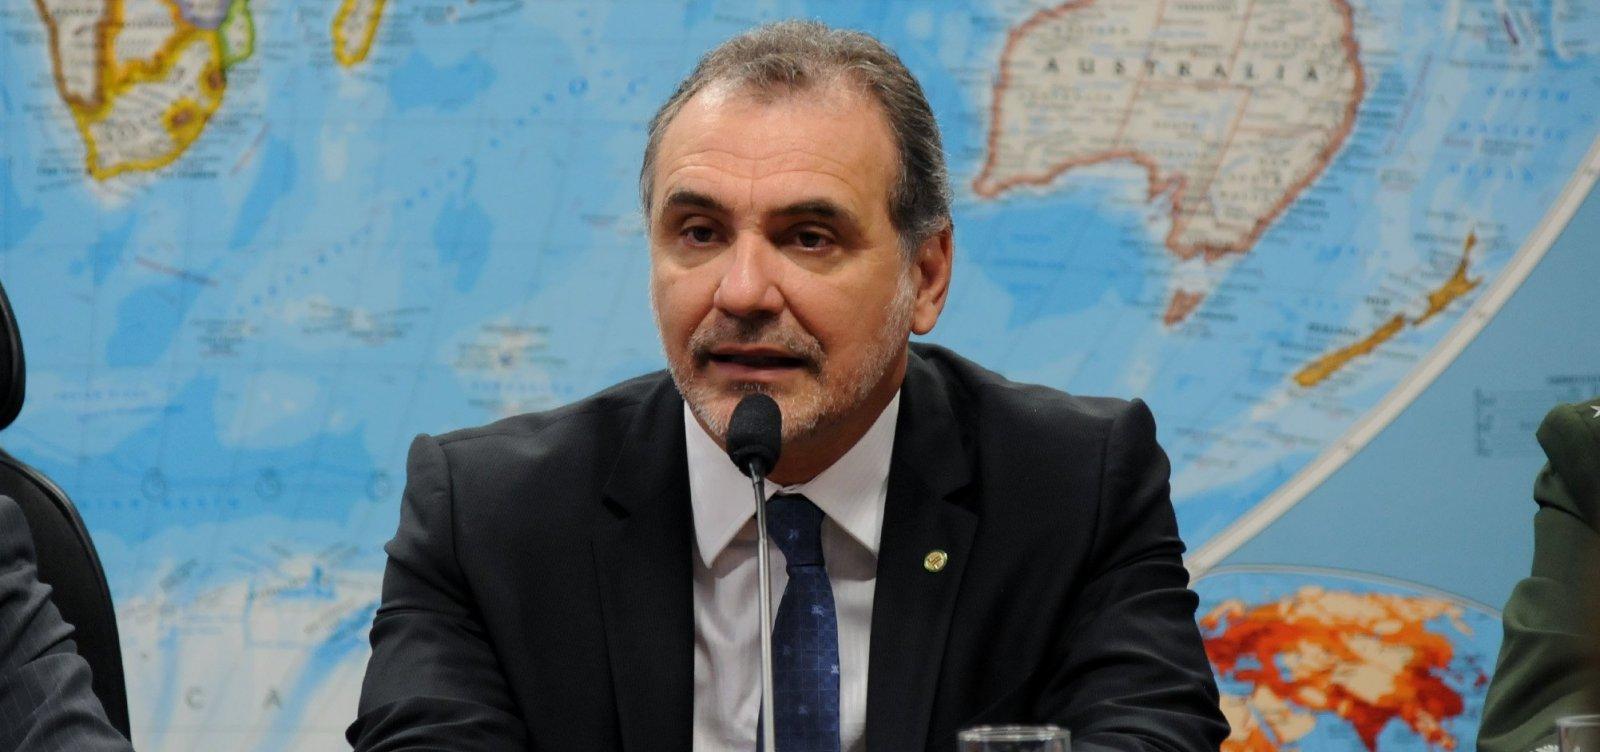 Reeleito, Pelegrino mira prefeitura de Salvador: 'Já comecei a conversar com o governador'